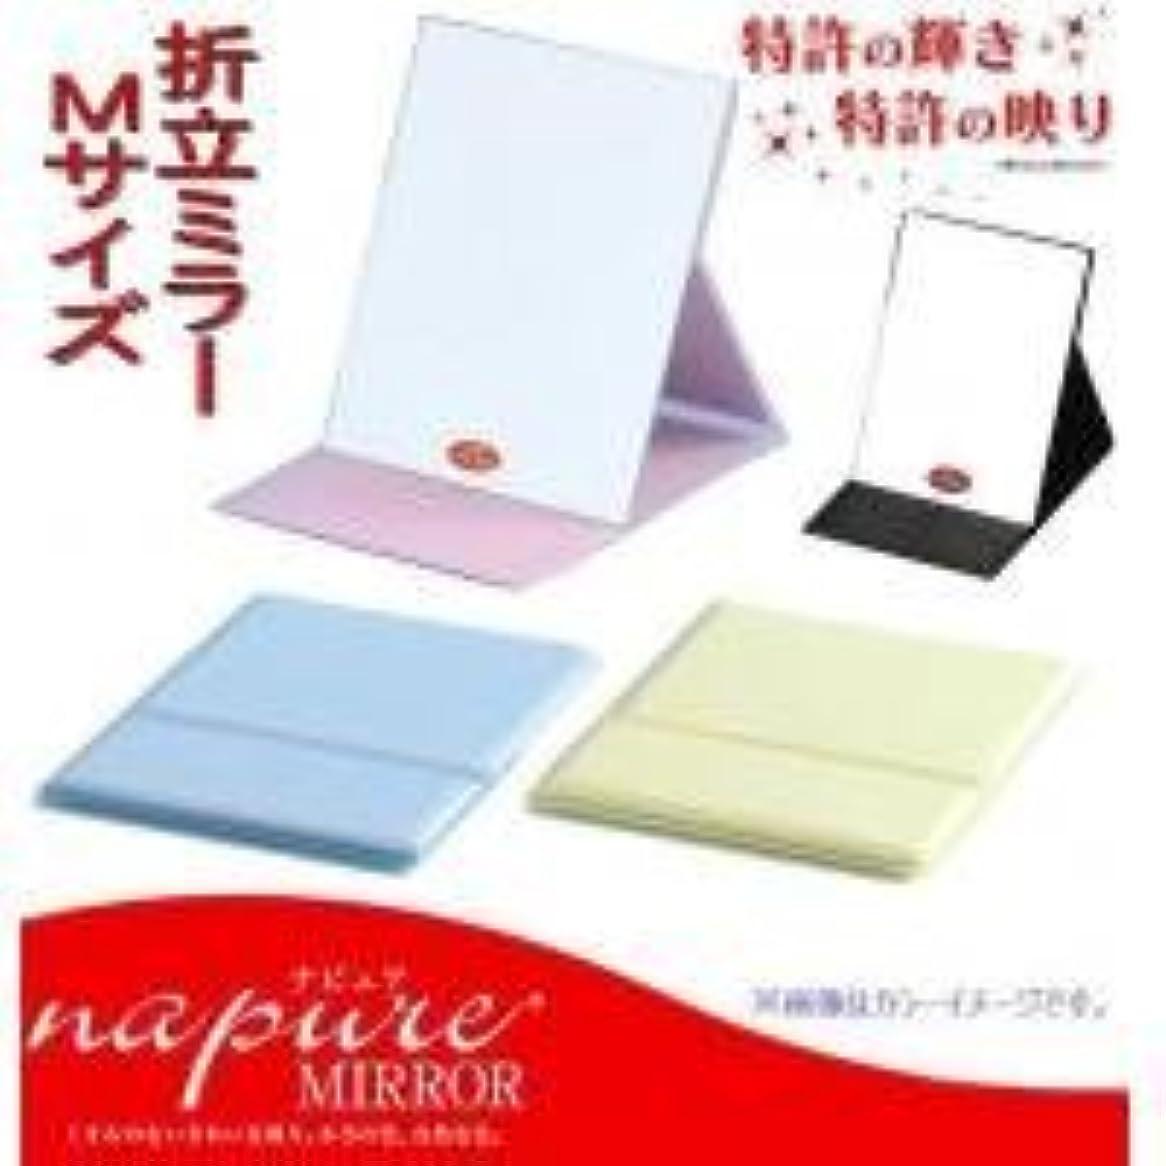 口実ハチ趣味ナピュア プロモデル カラーバージョン折立ミラー M ブルー